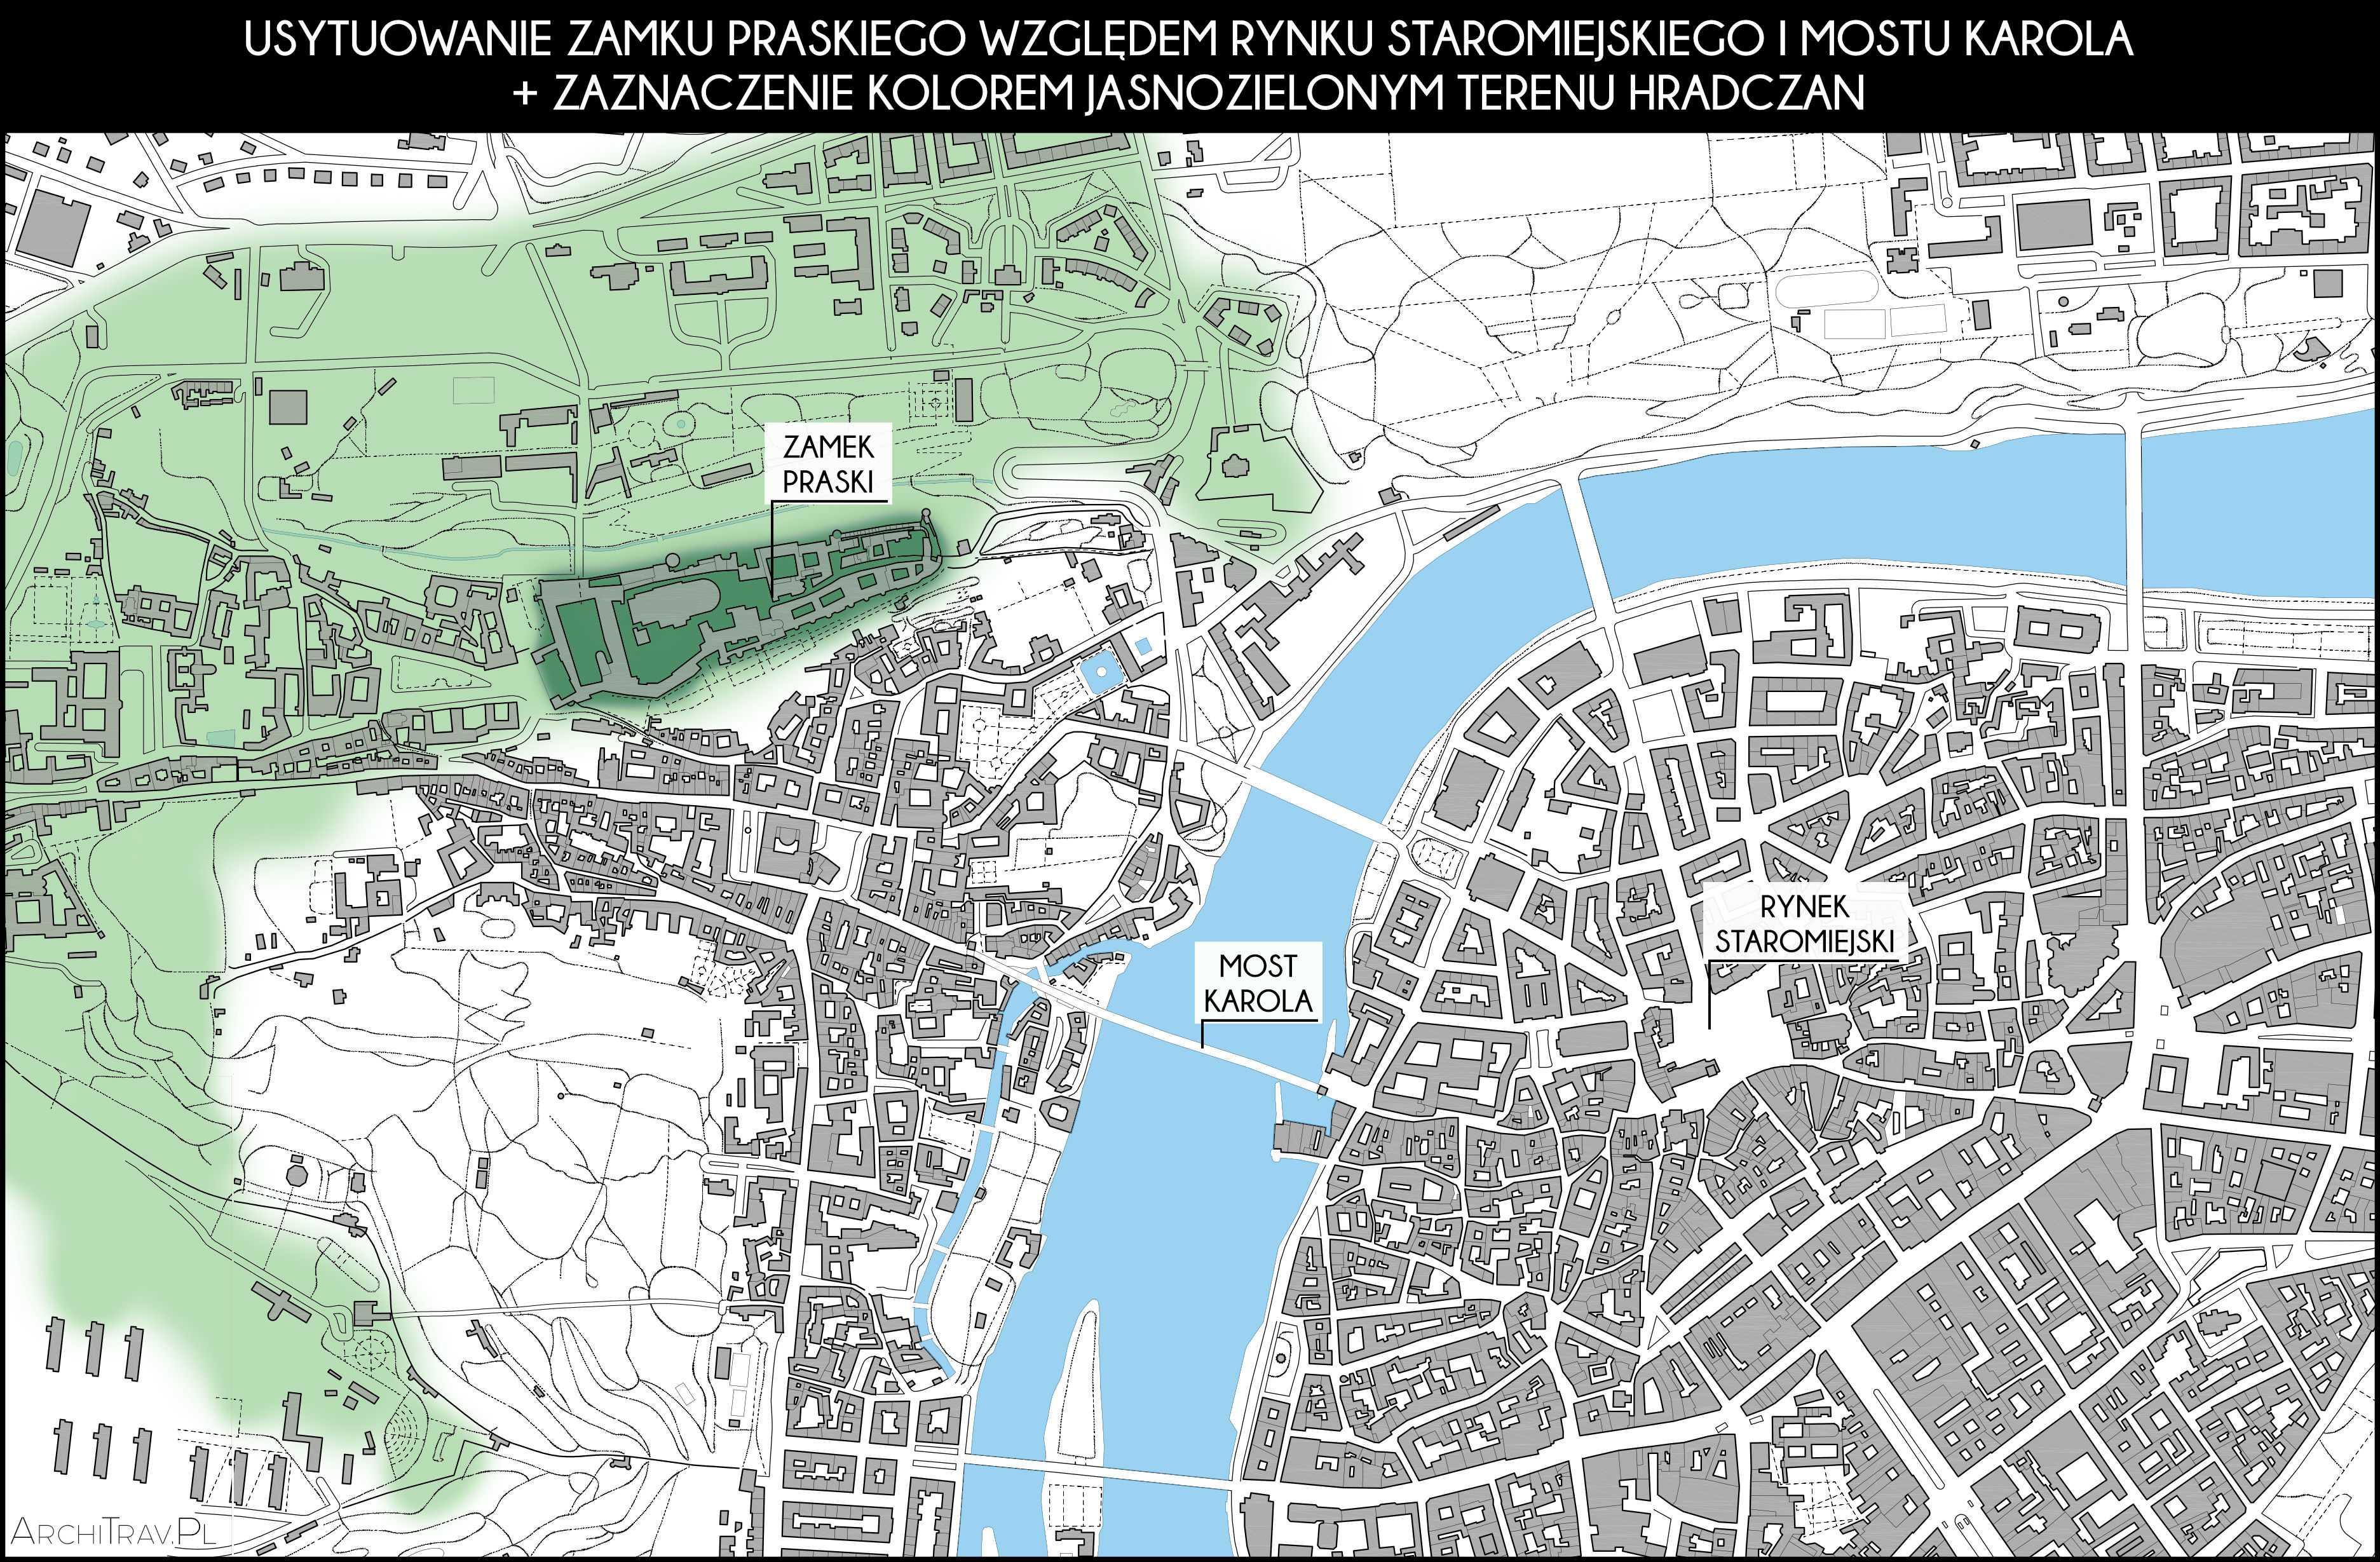 Mapa Pragi z ukazaniem obszaru Hradczan i usytuowaniem Zamku Praskiego względem Mostu Karola i Rynku Staromiejskiego.